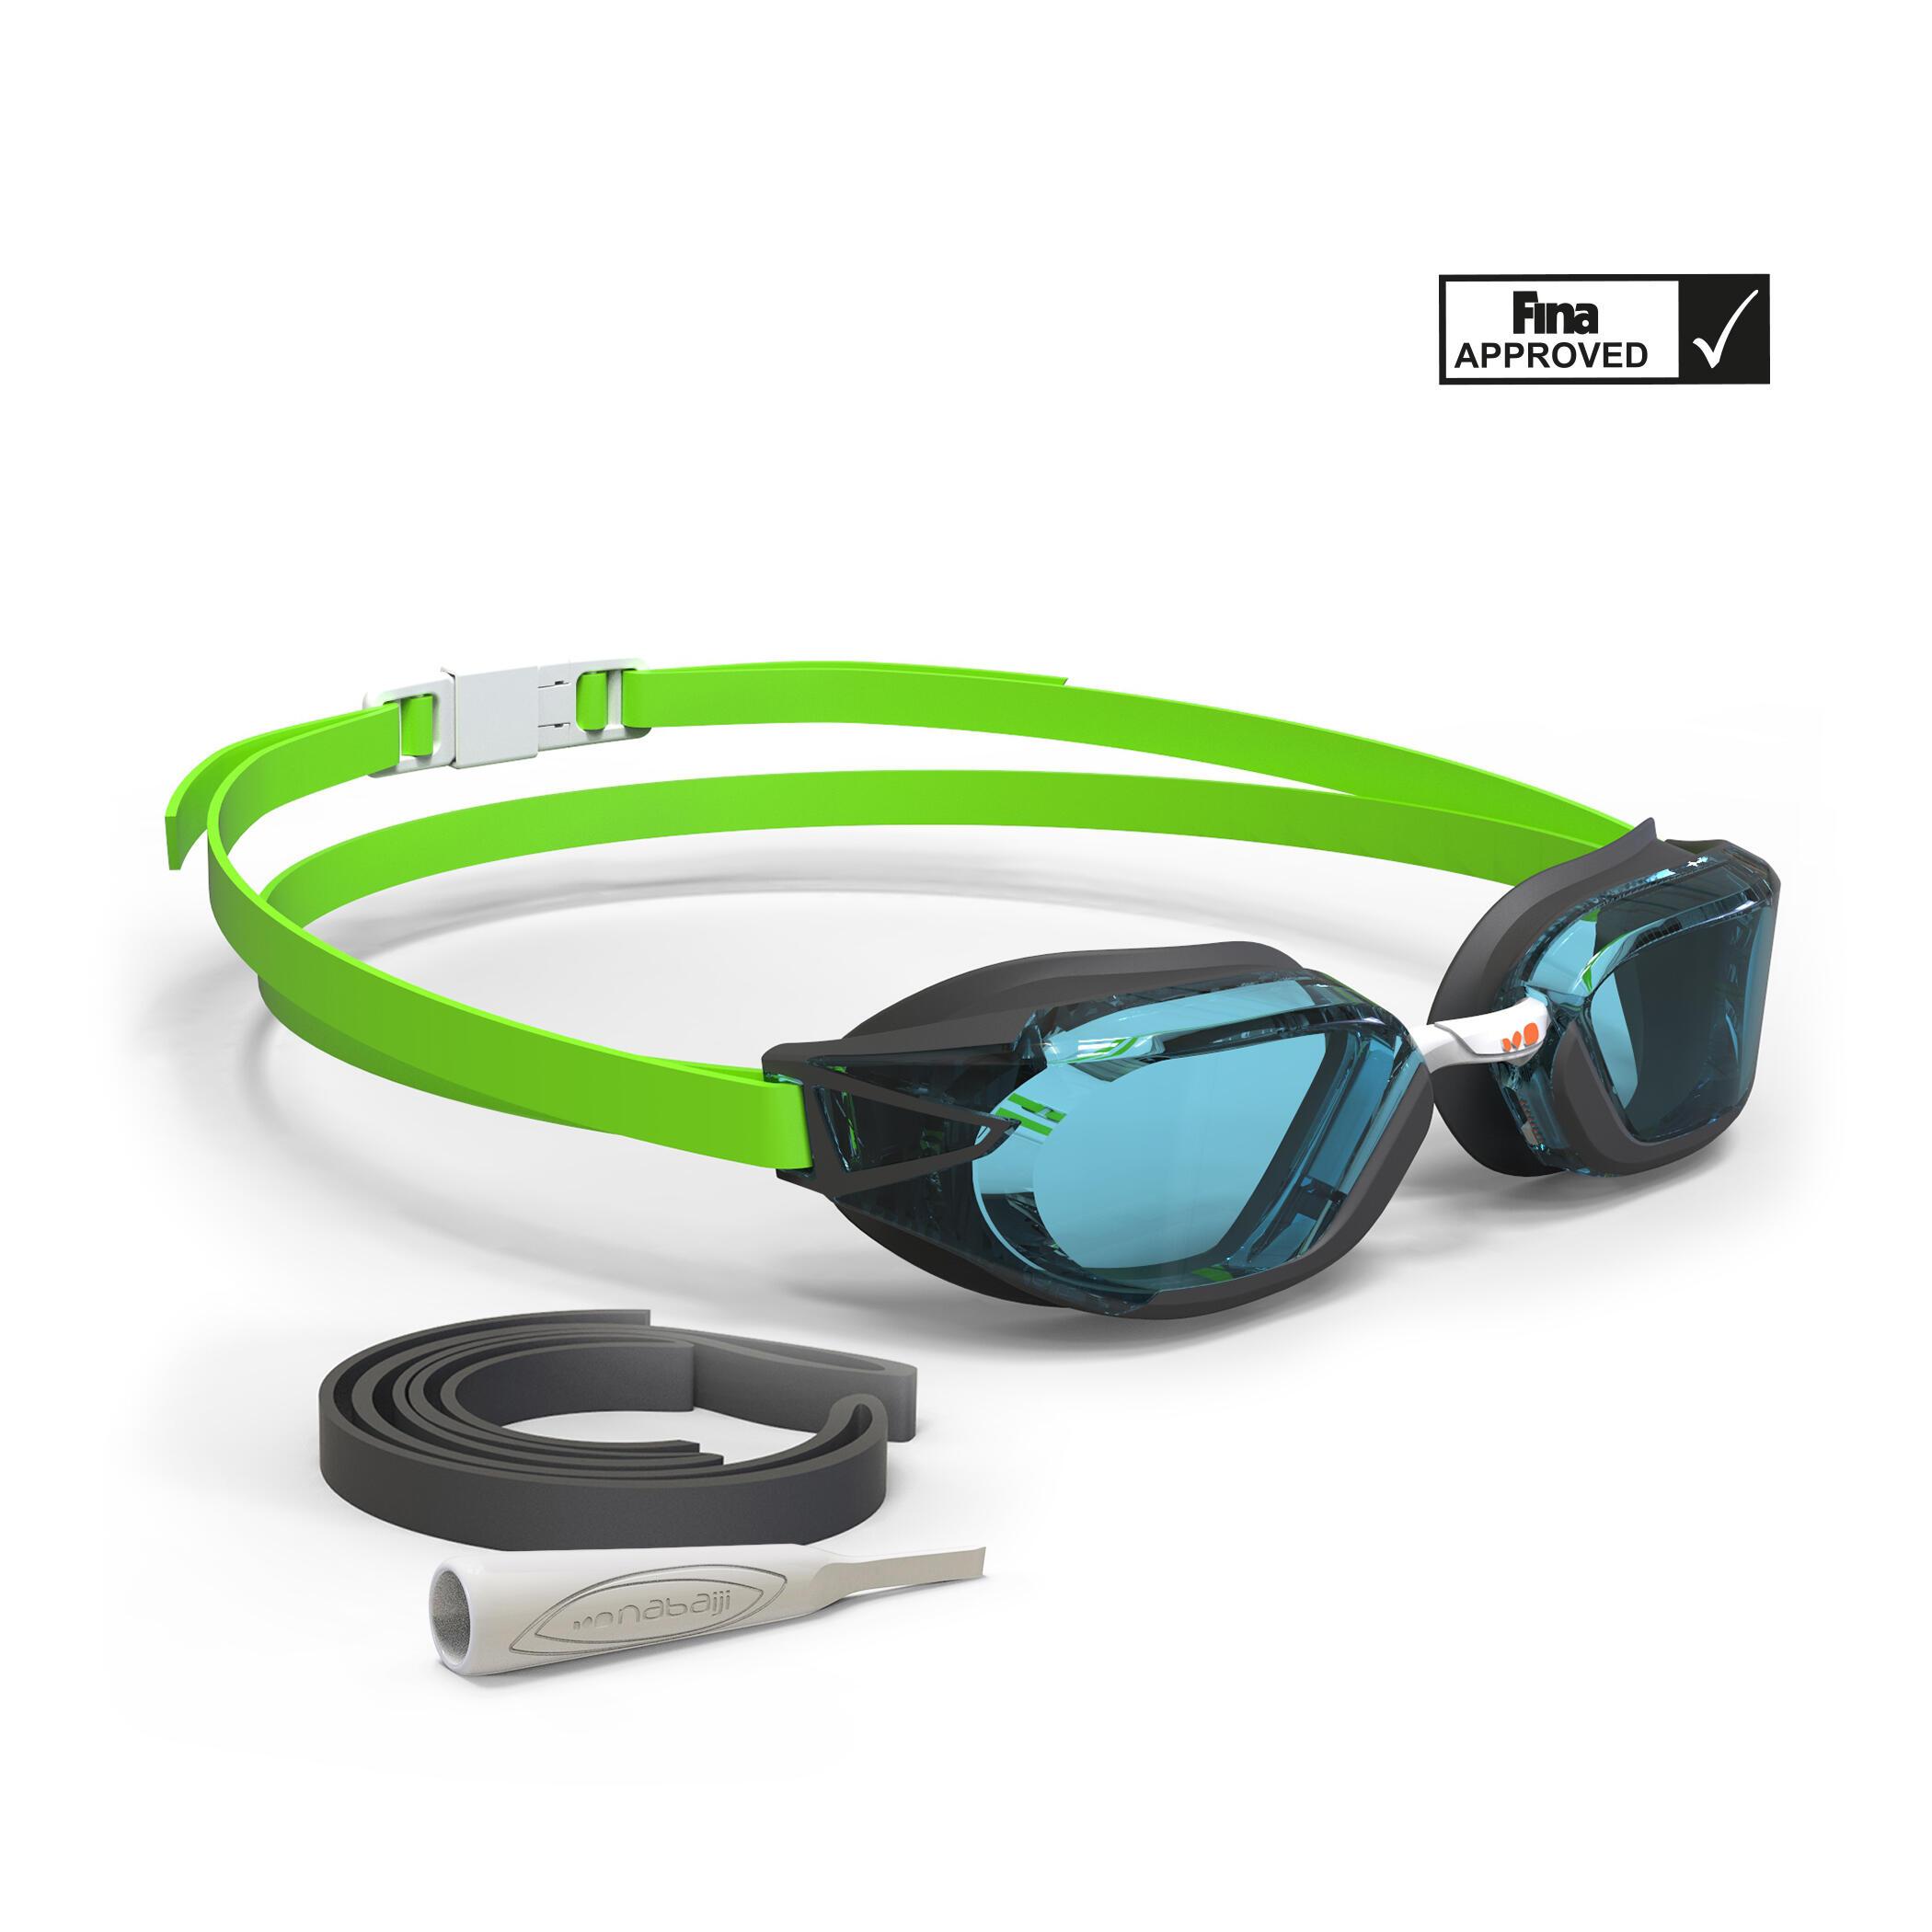 B-Fast Swimming Goggles - Black Light Green